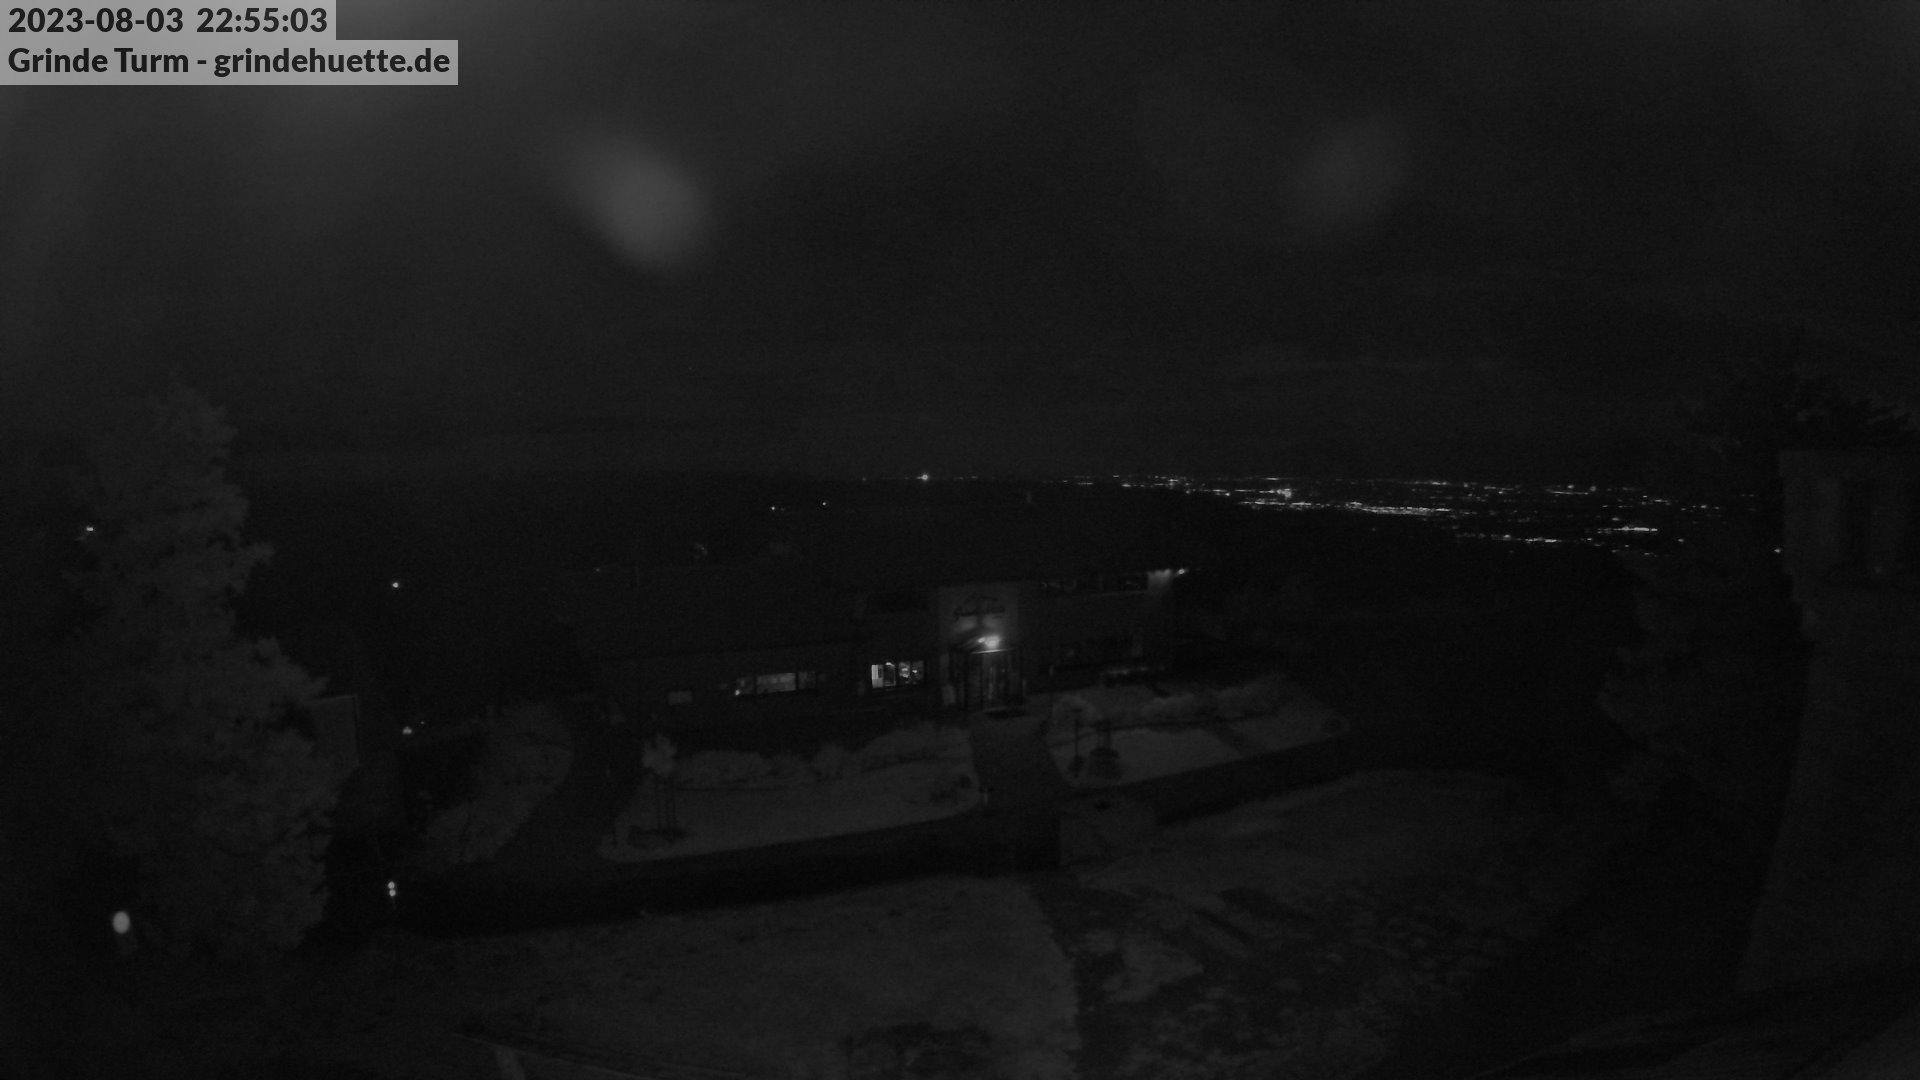 Grindehütte Webcam Grindeturm